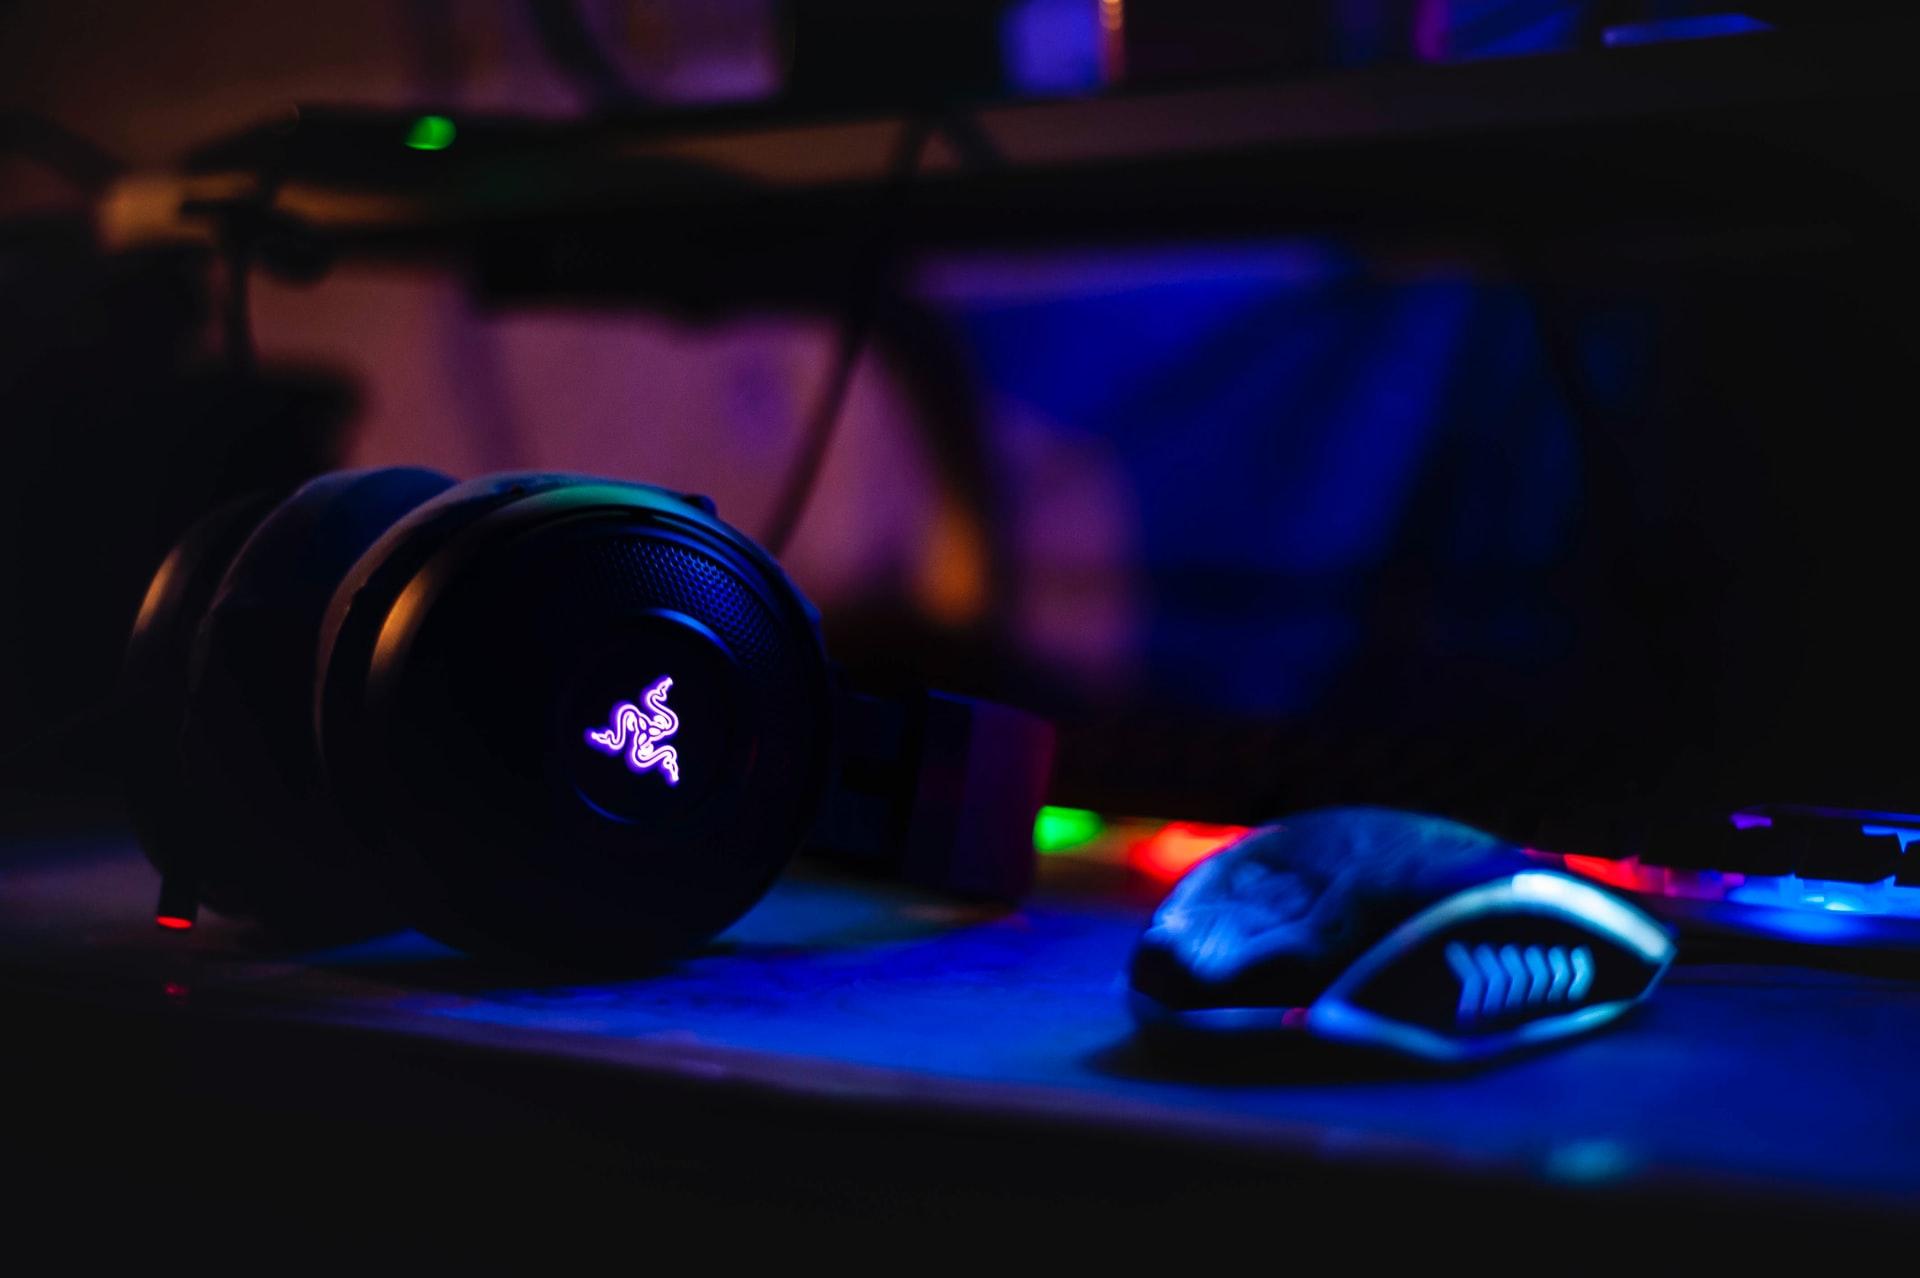 Un casque gaming posé à côté d'une souris